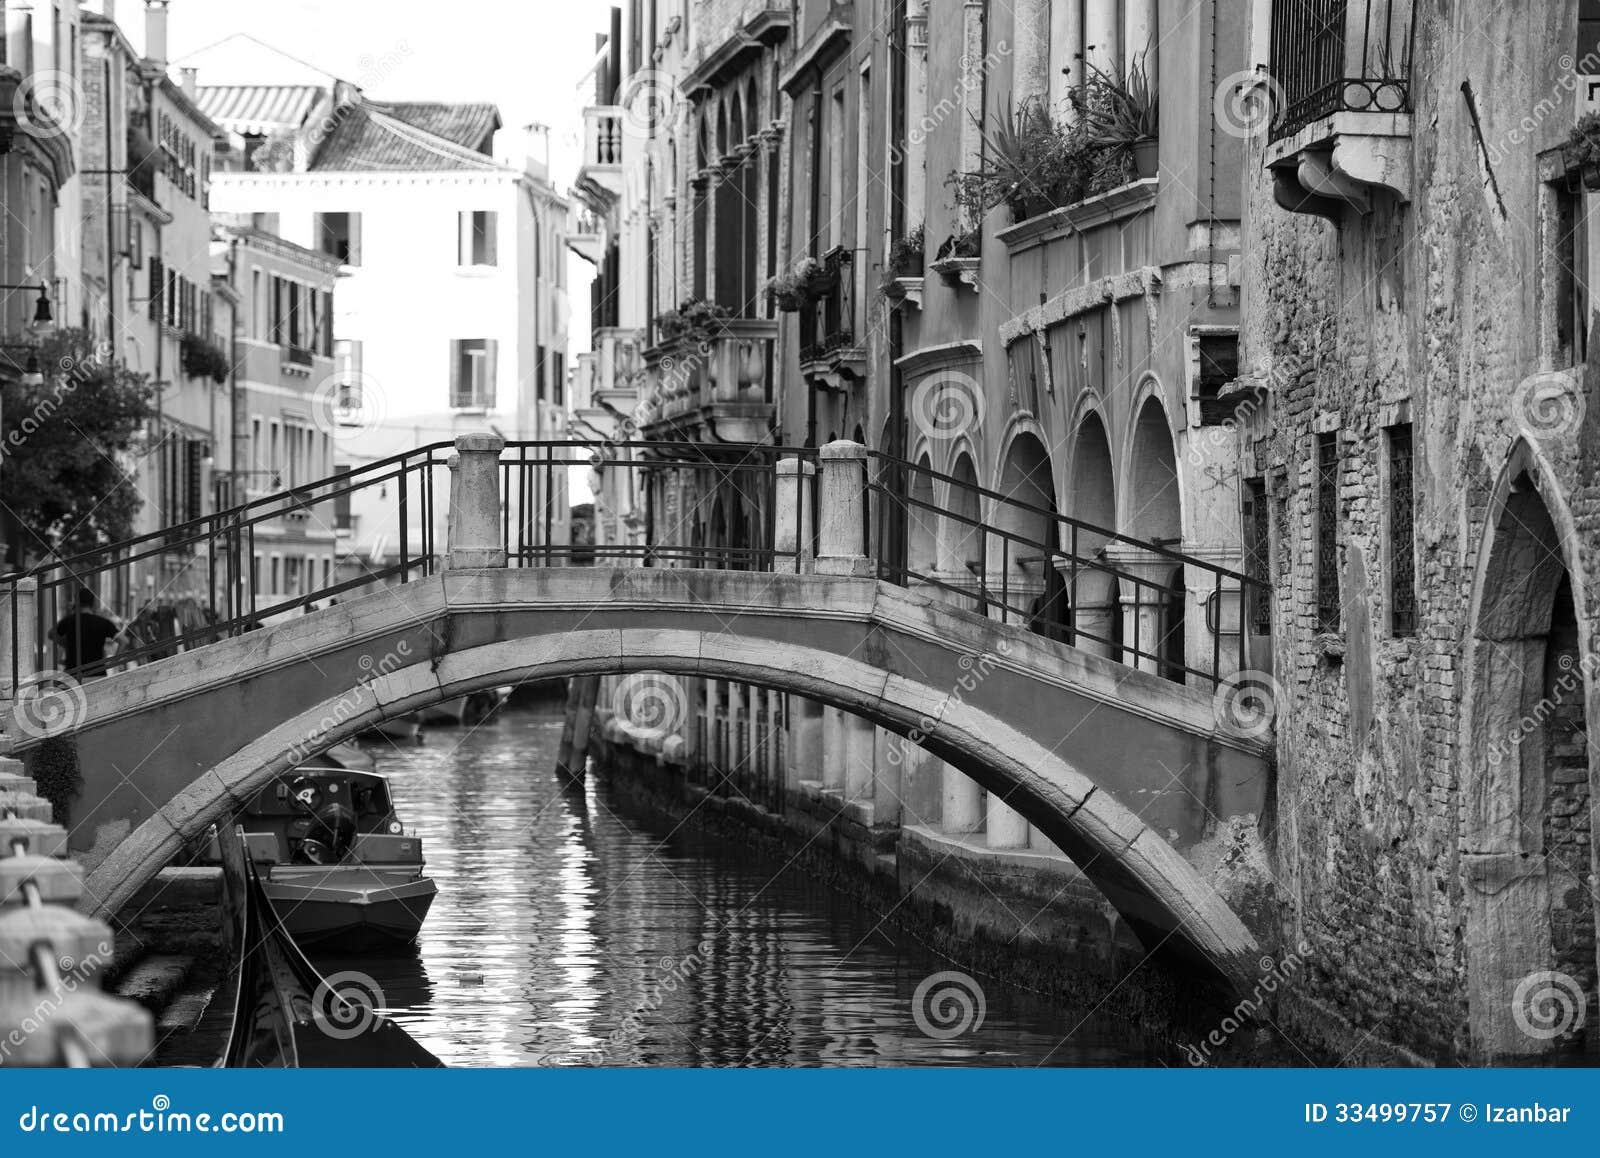 Черно белые фото венеция